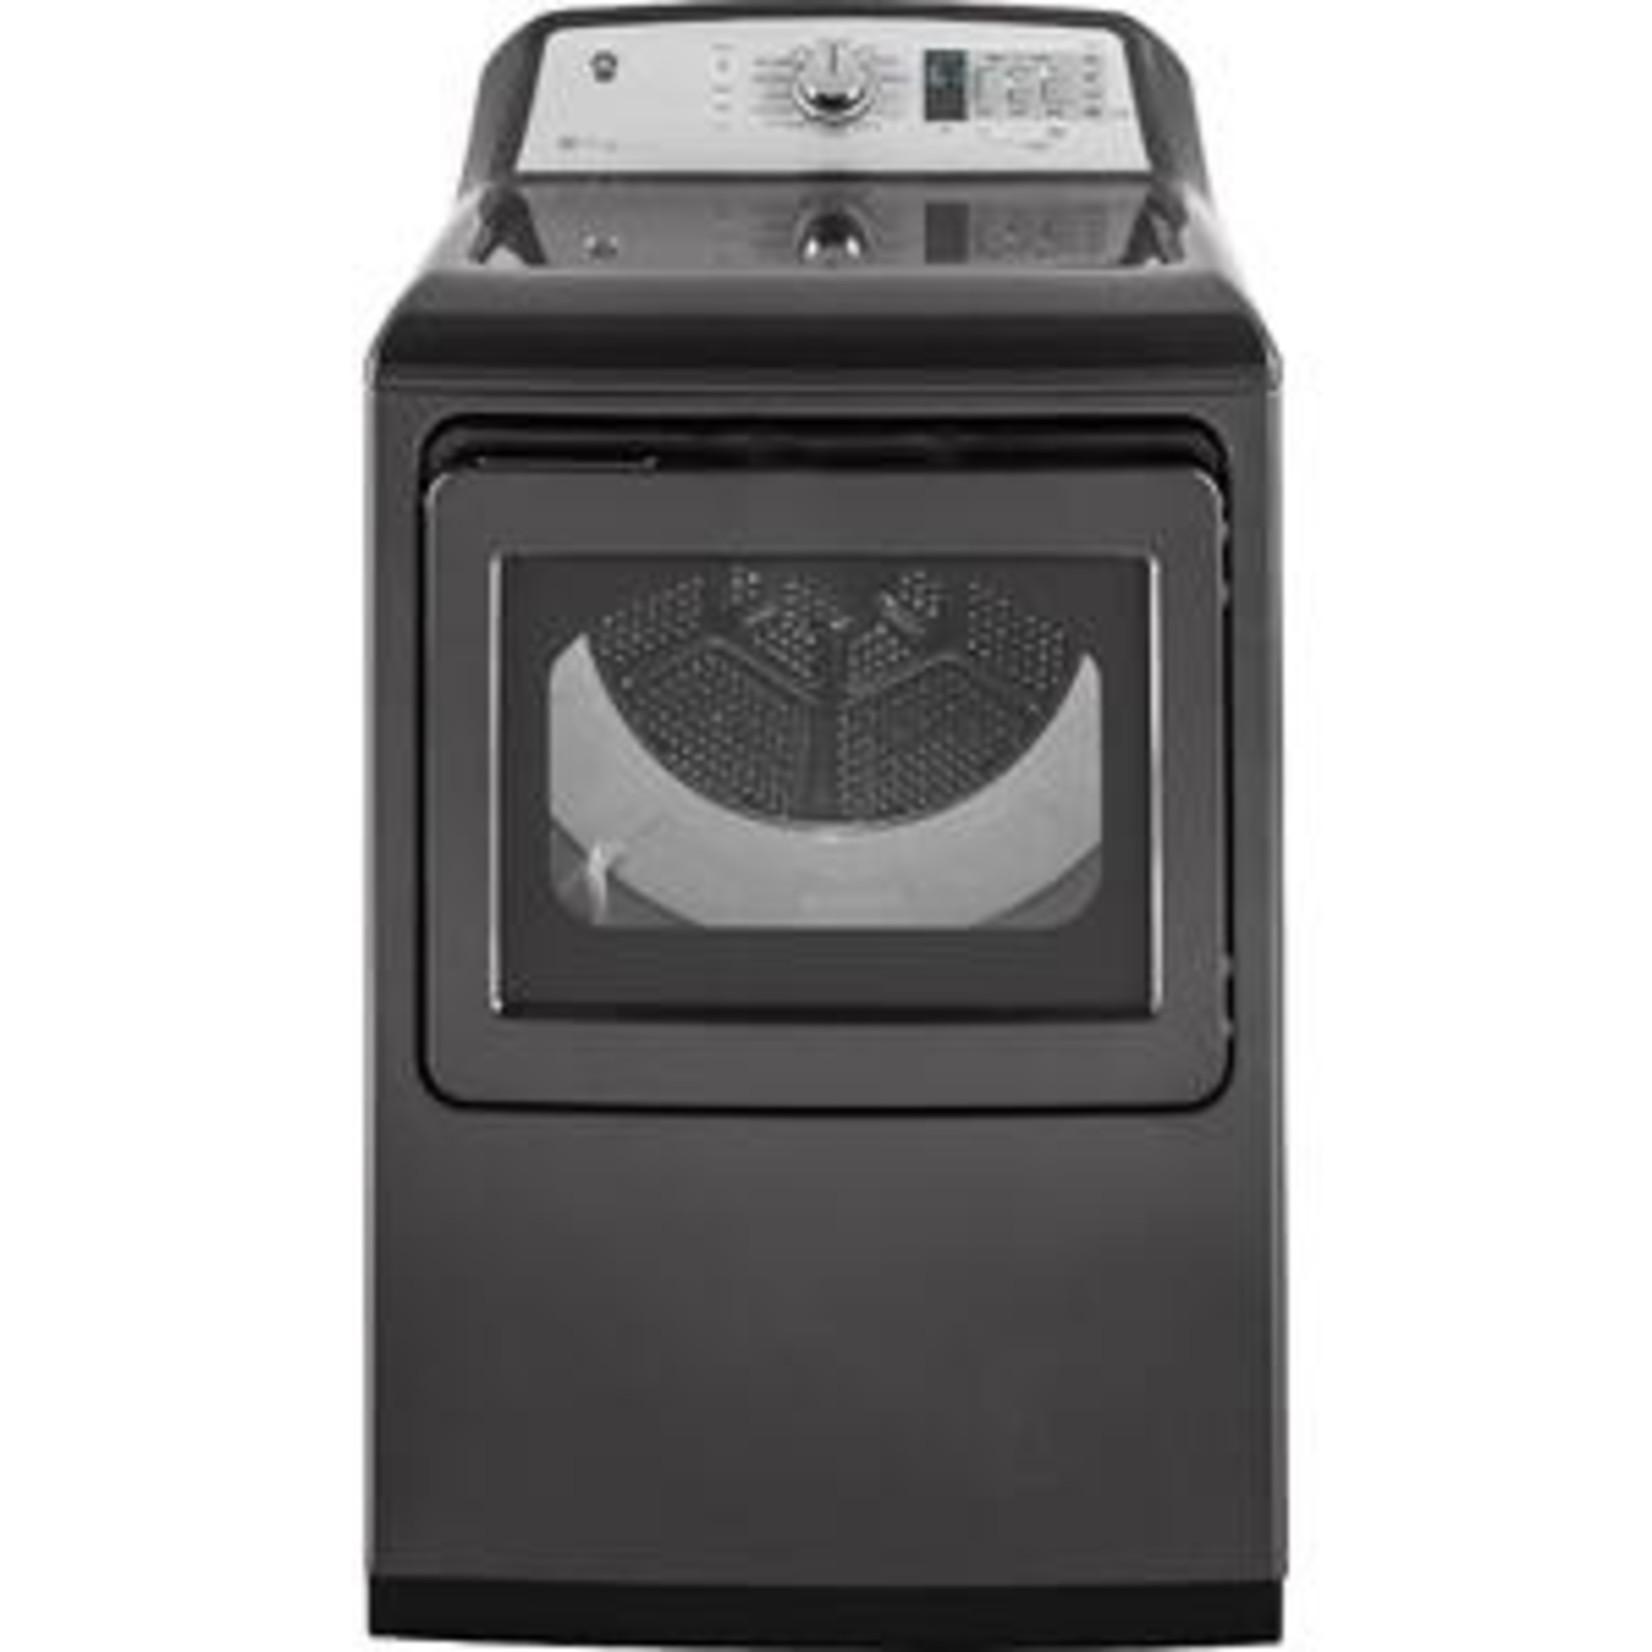 Crosley CROSLEY  Professional Dryer